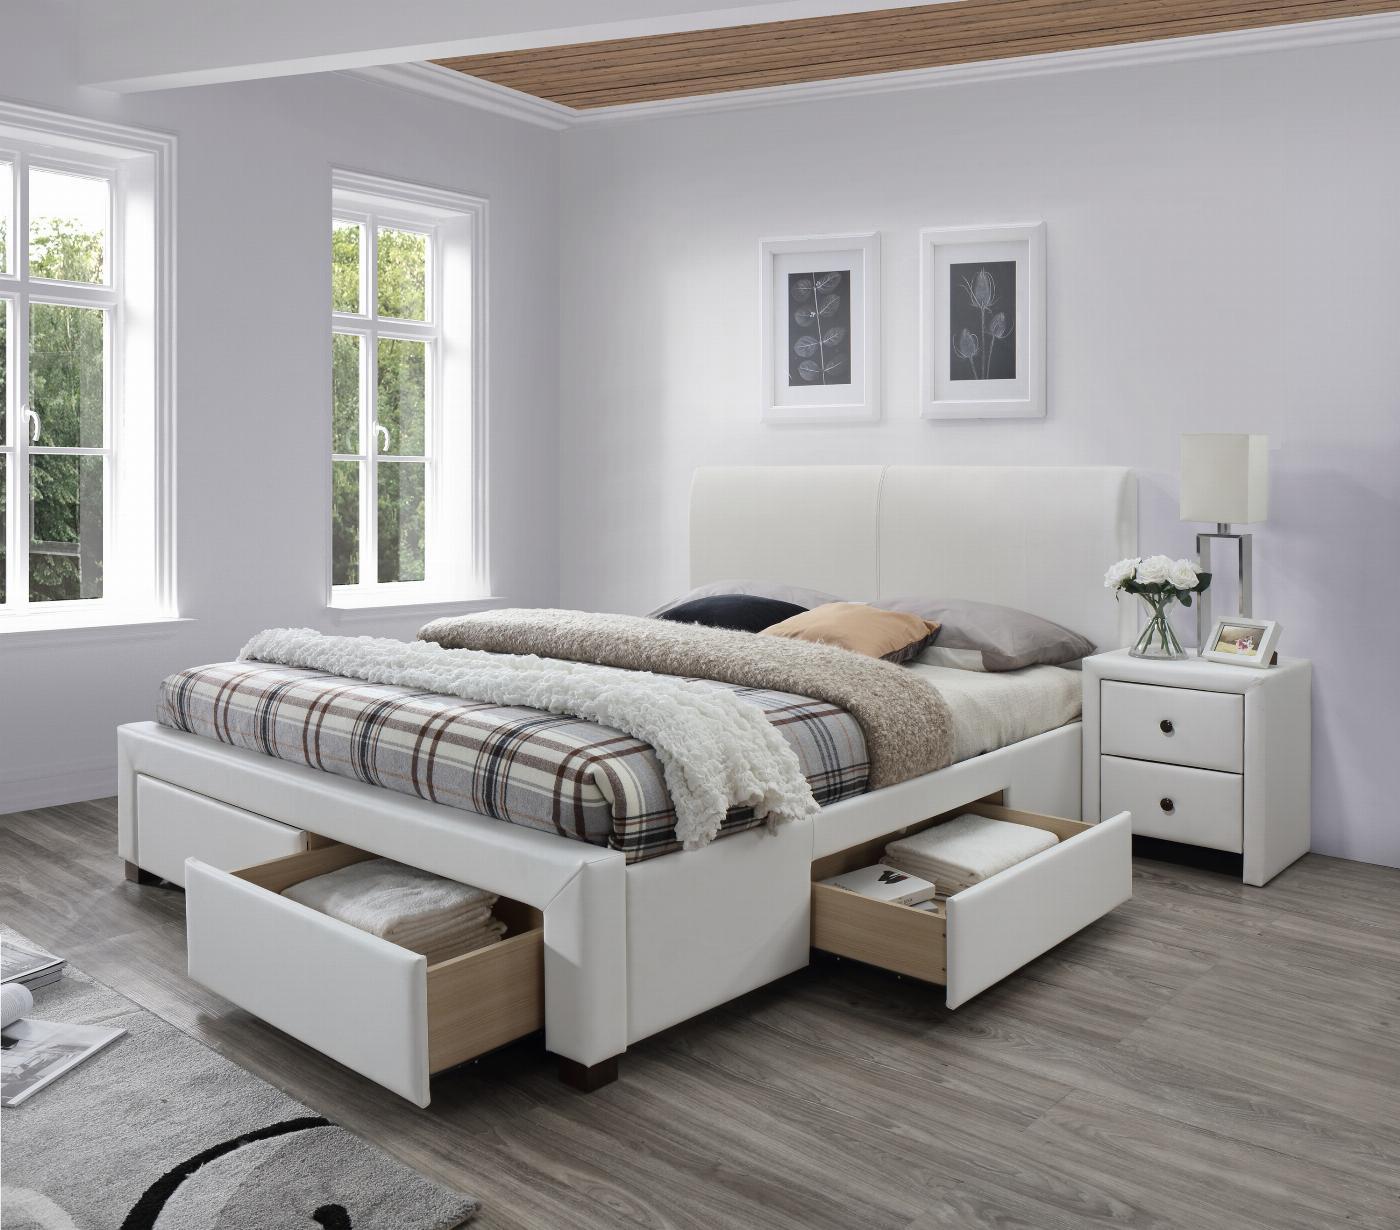 MODENA 2 łóżko tapicerowane z szufladami biały (6p=1szt)